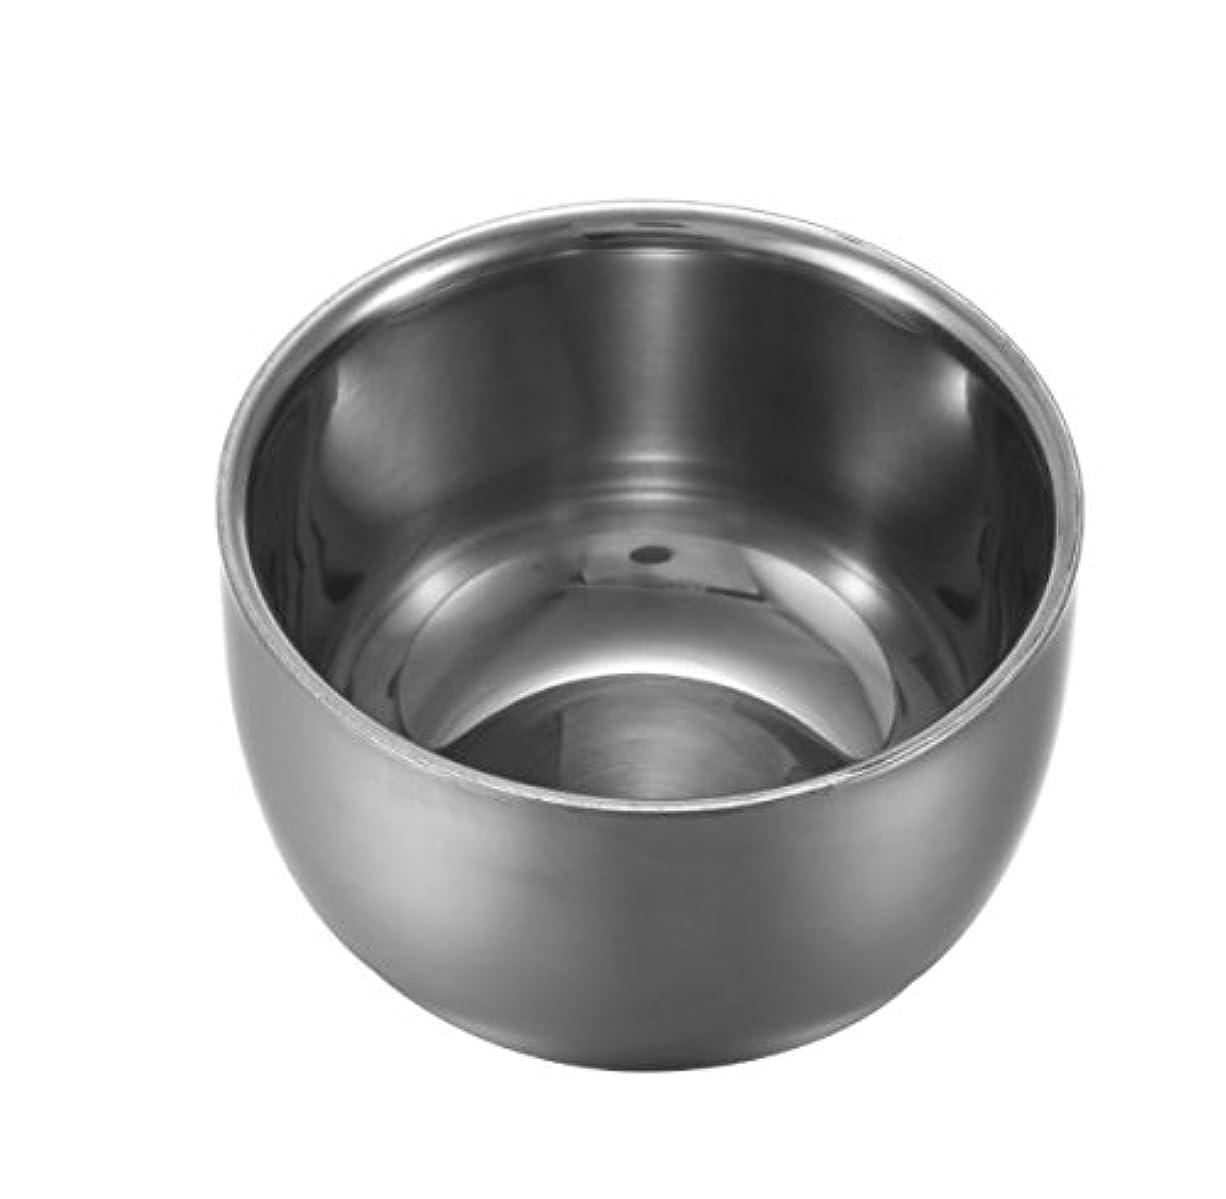 忍耐のためオフェンス7.5cm Stainless Steel Shaving Bowl Barber Beard Razor Cup For Shave Brush Male Face Cleaning Soap Mug Tool